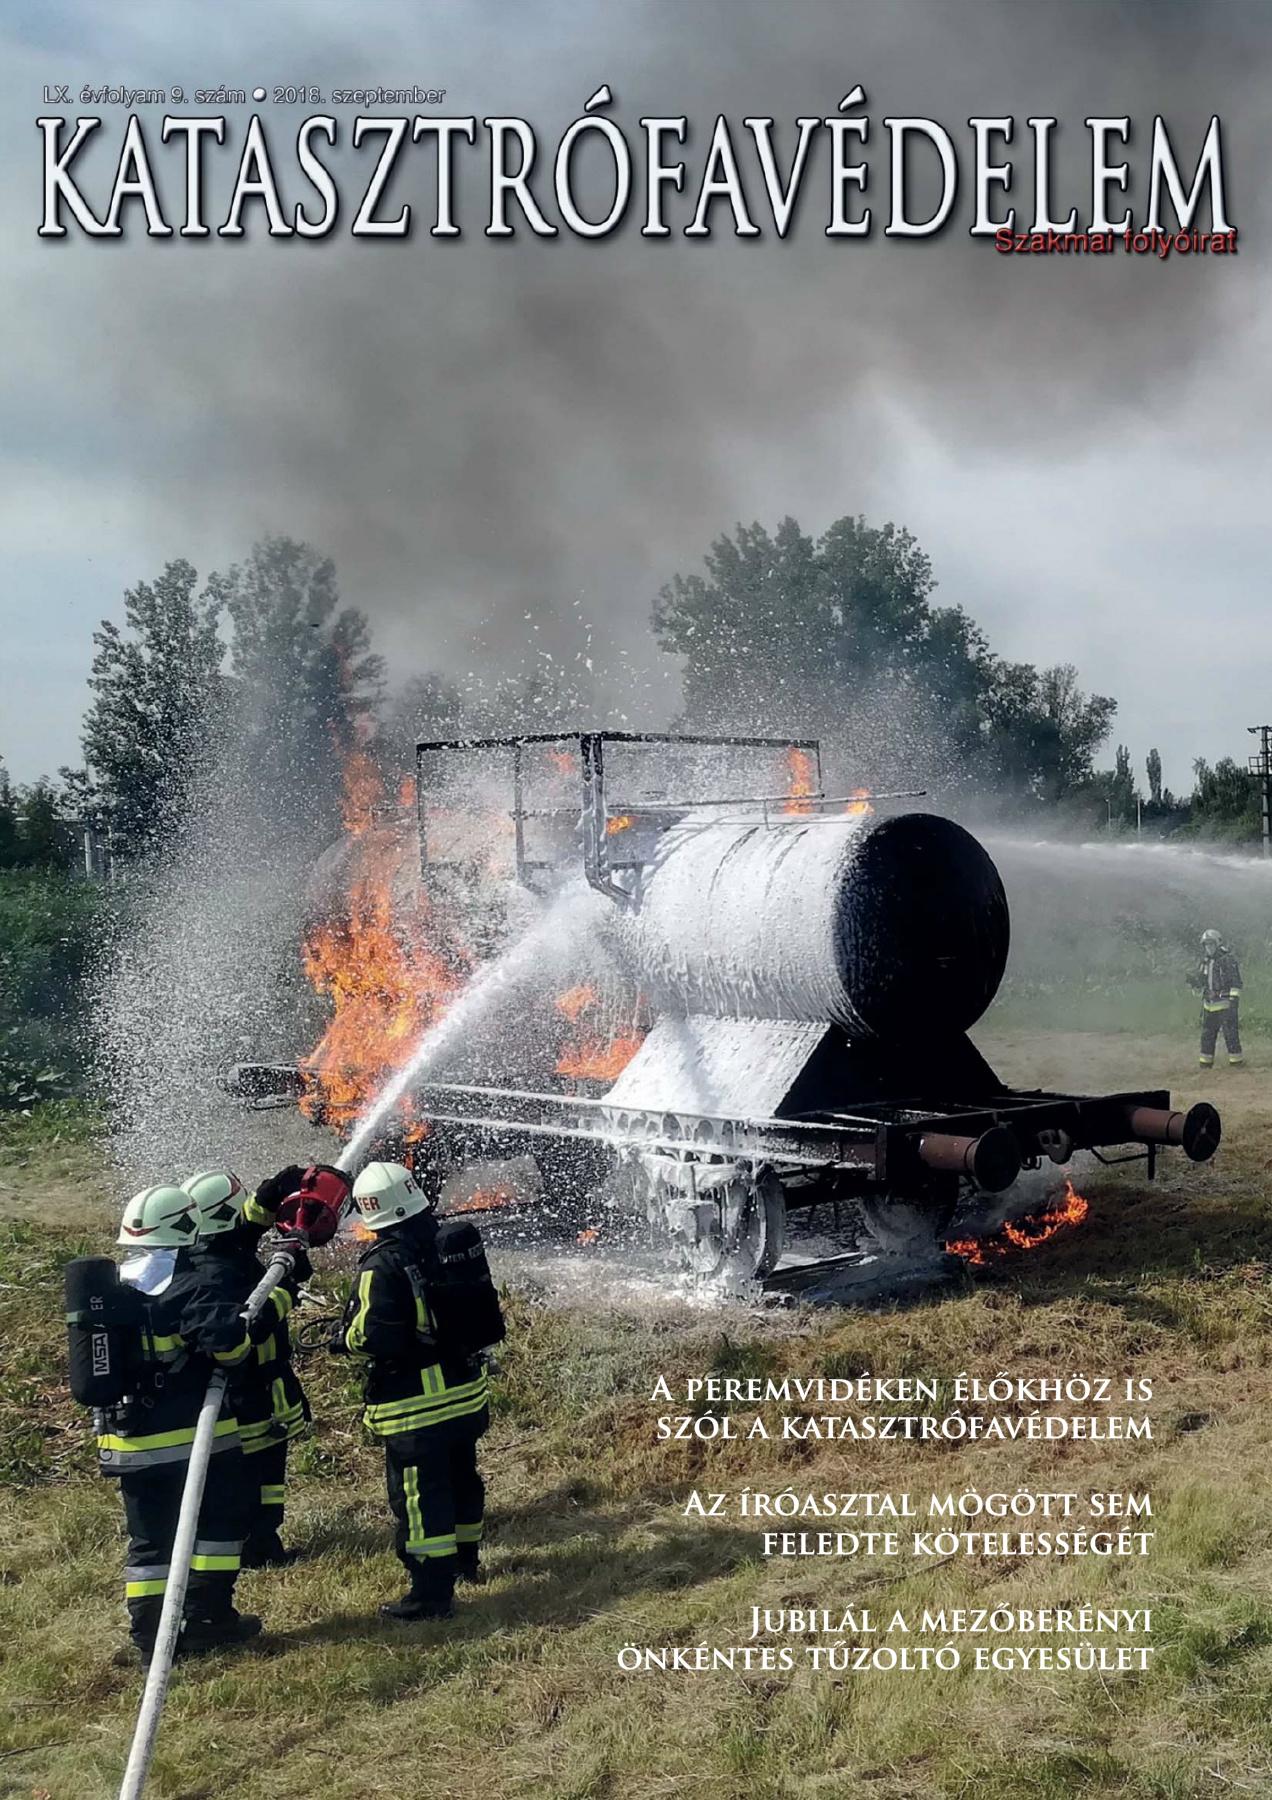 A Katasztrófavédelem magazin LX. évfolyam 9. szám megtekintése